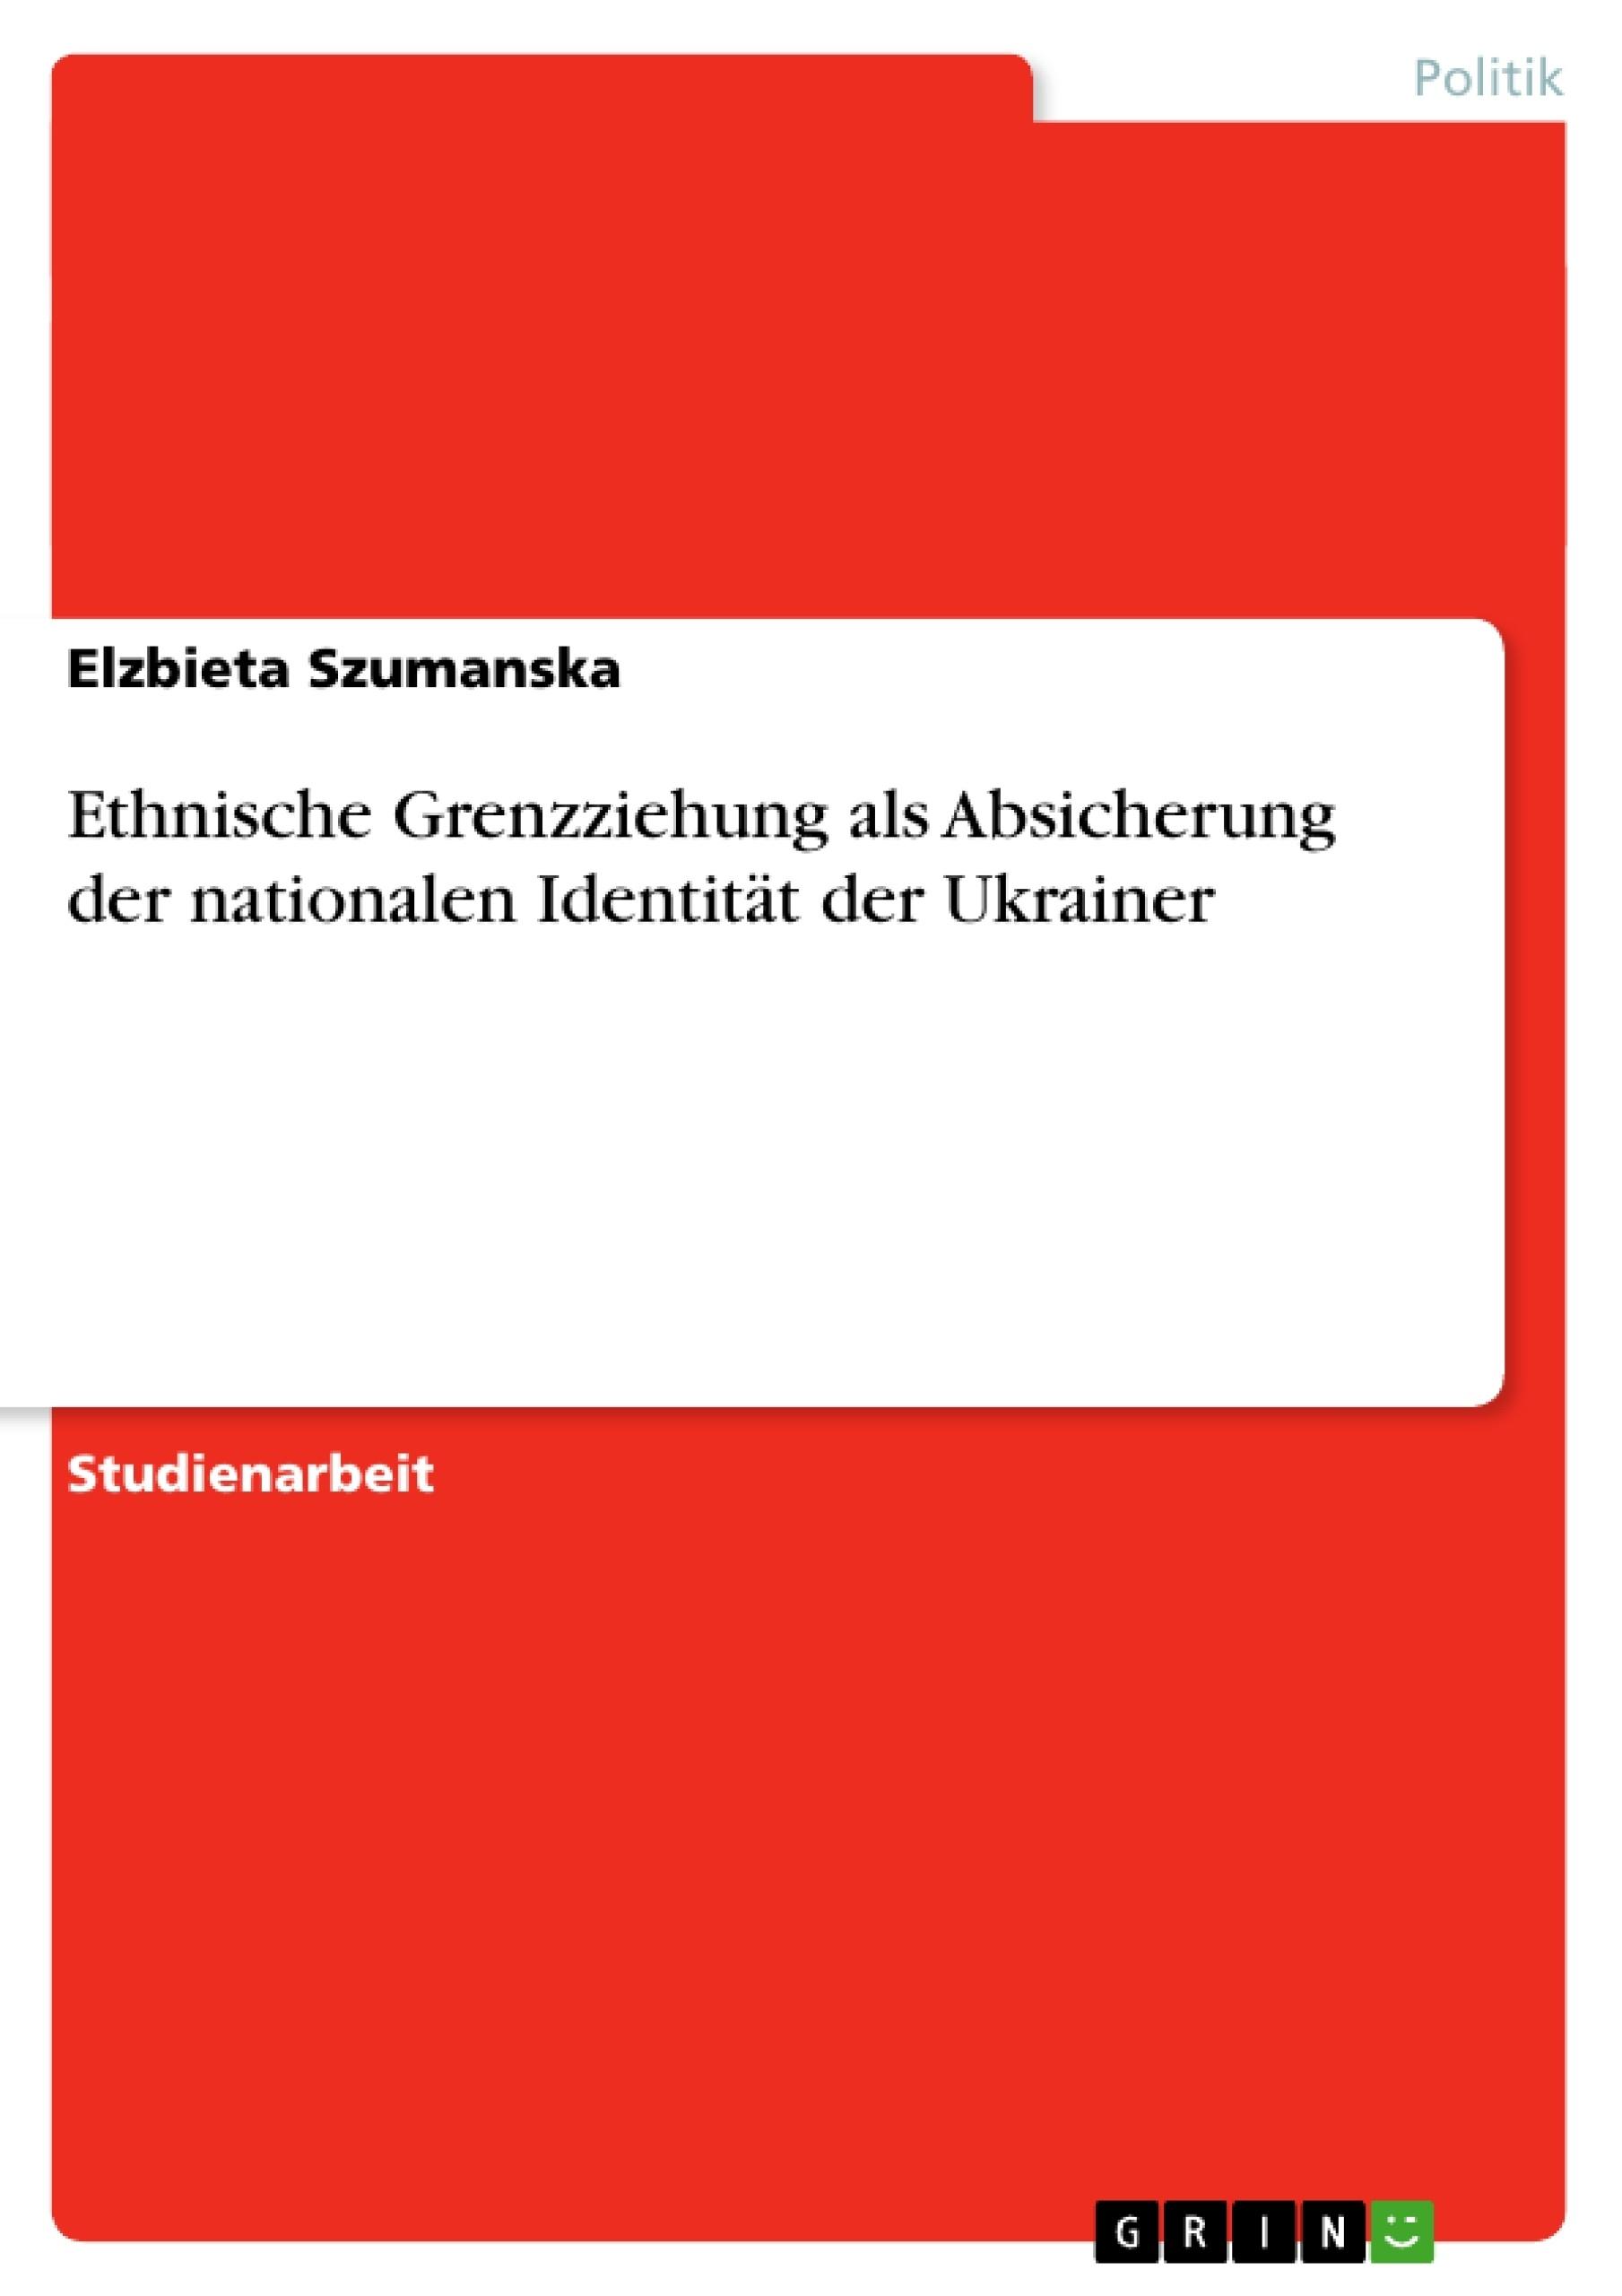 Titel: Ethnische Grenzziehung als Absicherung der nationalen Identität der Ukrainer